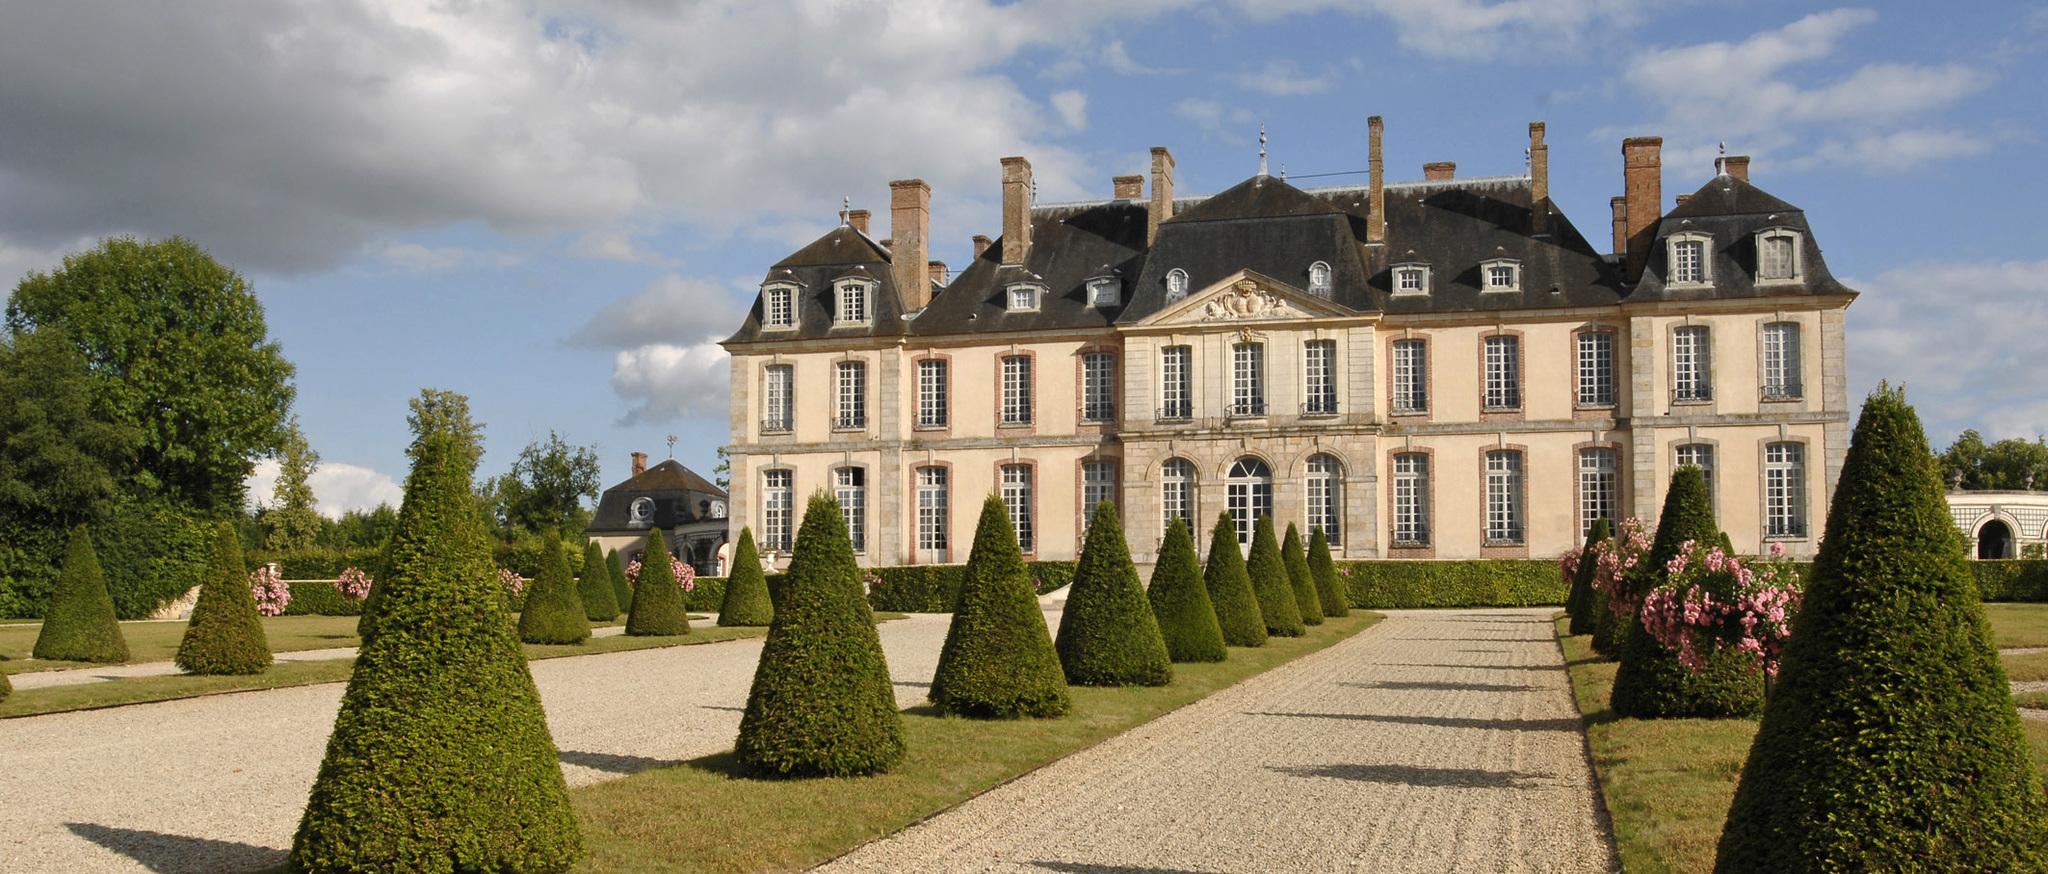 149837_page_7_-_nogent_-_chateau_motte (1)